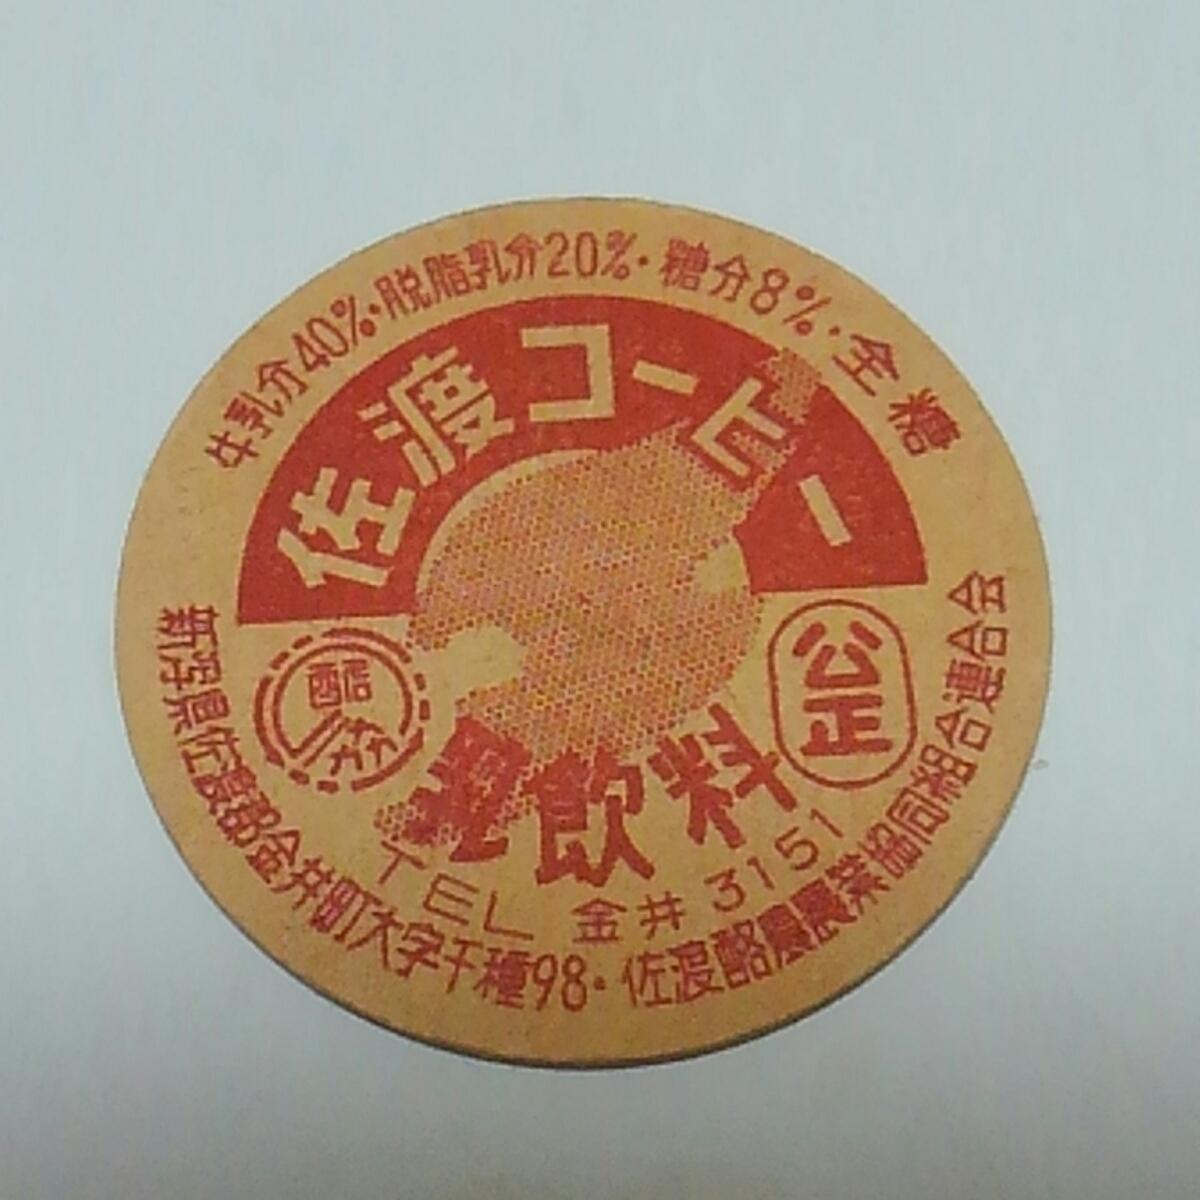 【牛乳キャップ】【レア】40年以上前 佐渡コーヒー 全糖 未使用 新潟県/佐渡酪農農業協同組合連合会